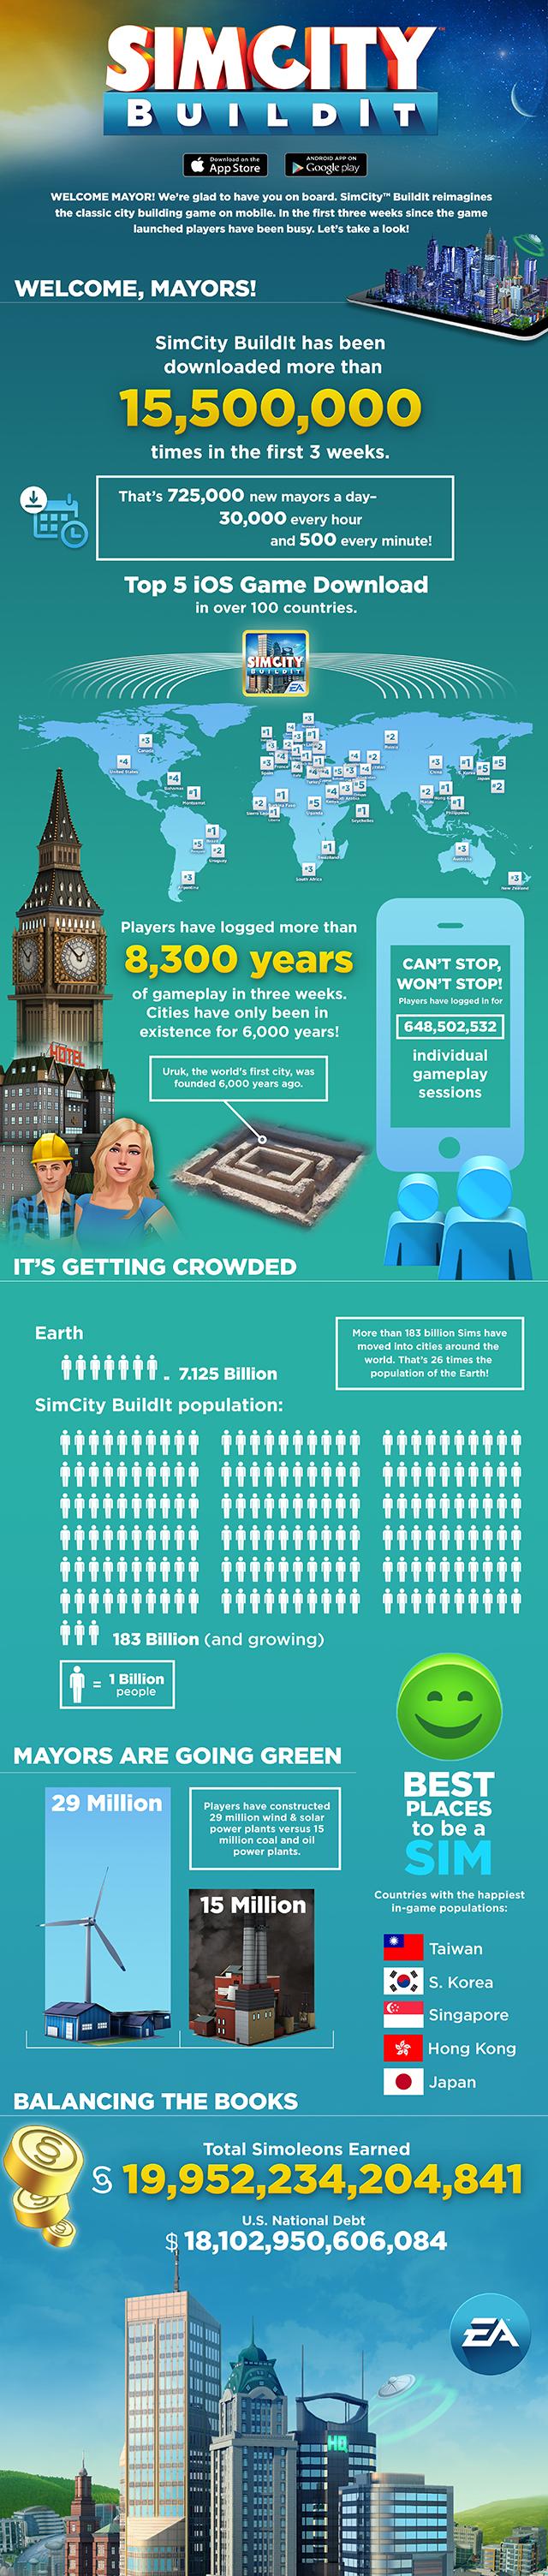 スマホ版「シムシティ」、わずか3週間で1550万ダウンロード突破 一方パズドラは3年で3300万